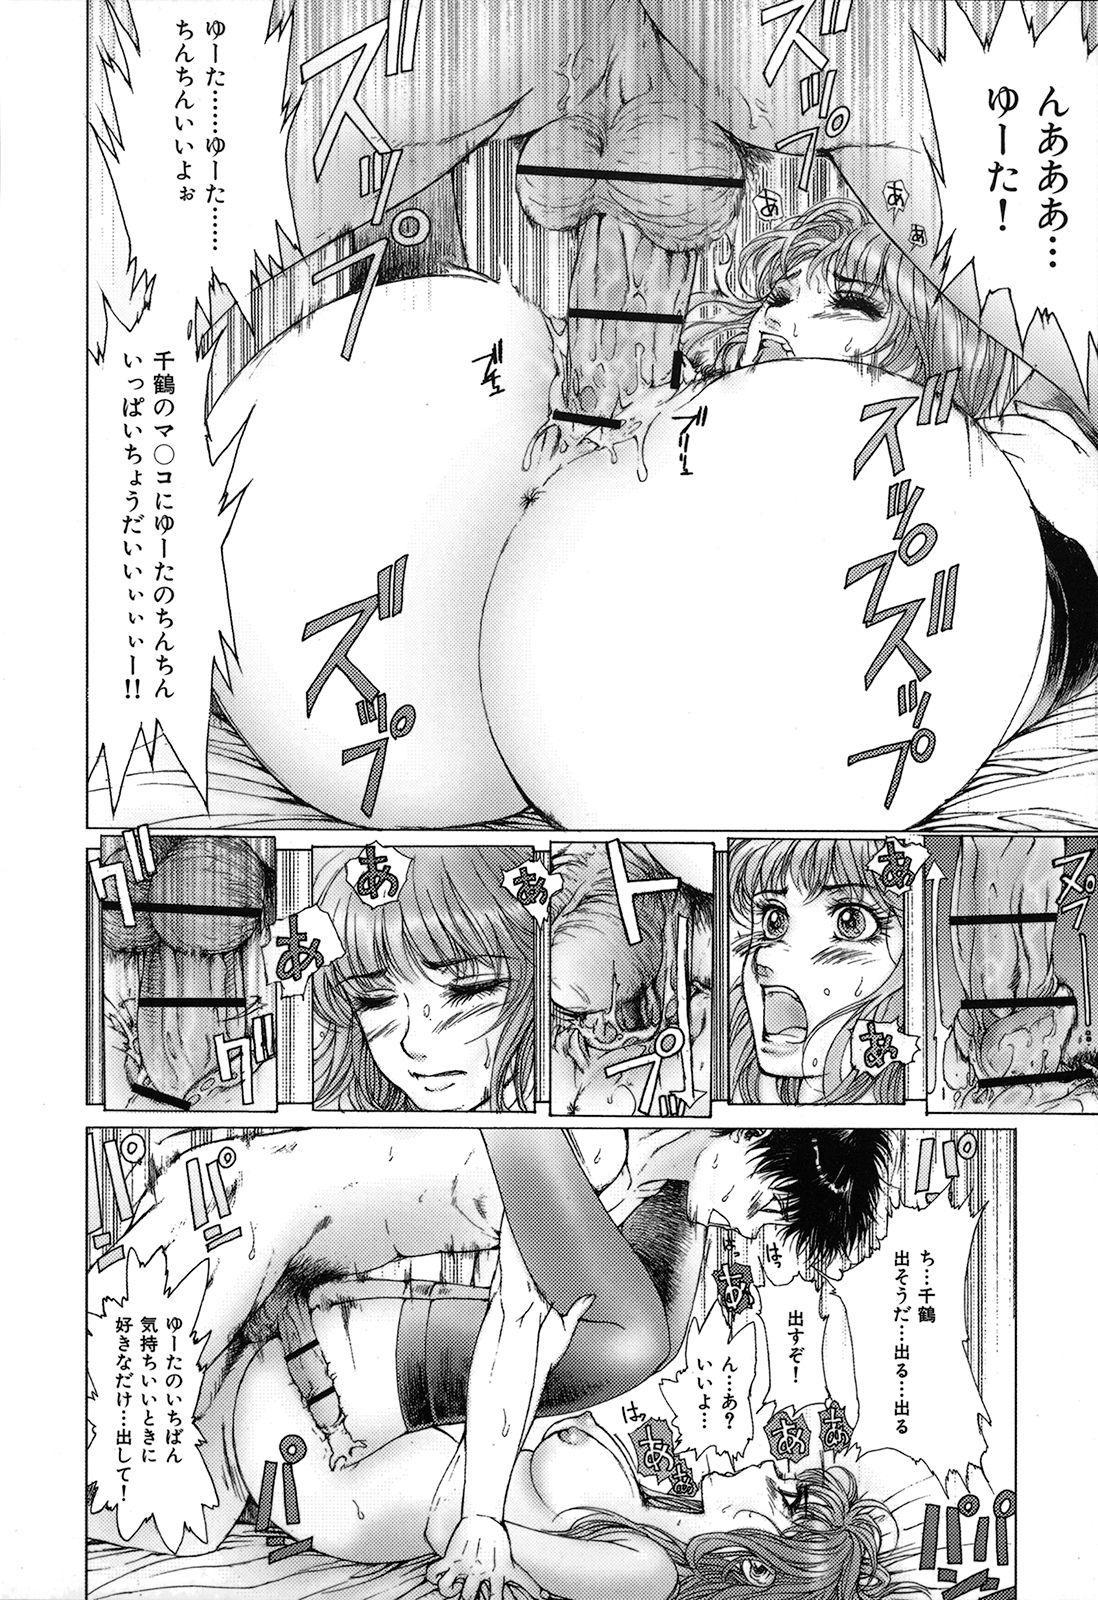 Kou Musume 173